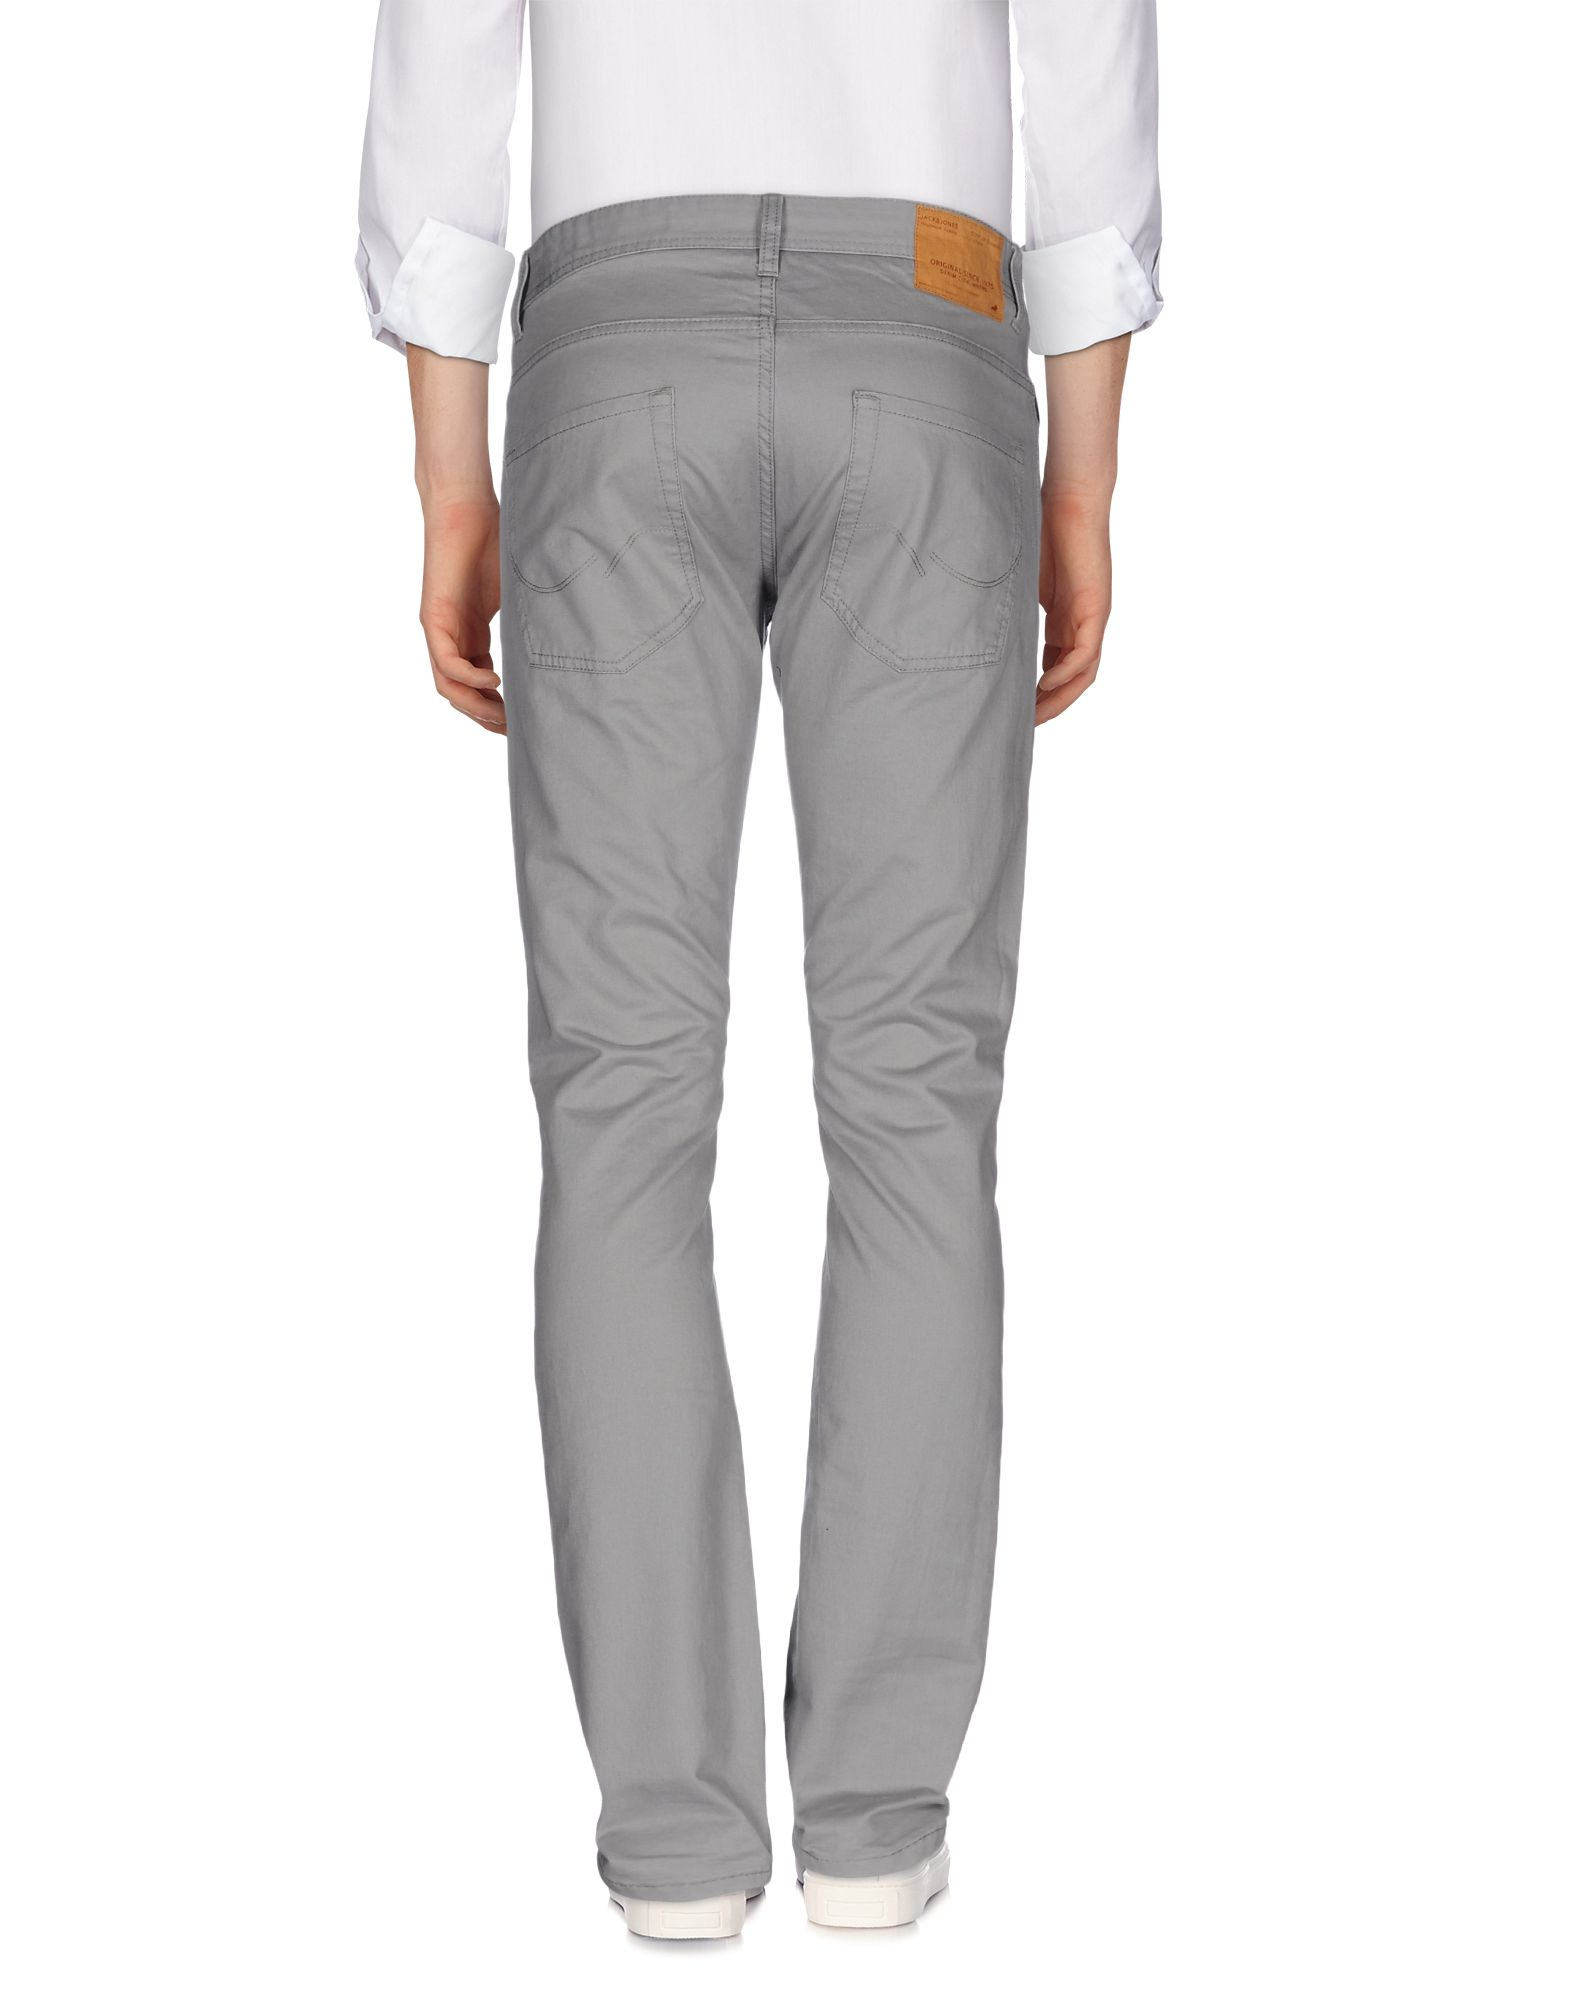 Originals By Jack & Jones Cotton Casual Pants in Grey (Grey) for Men